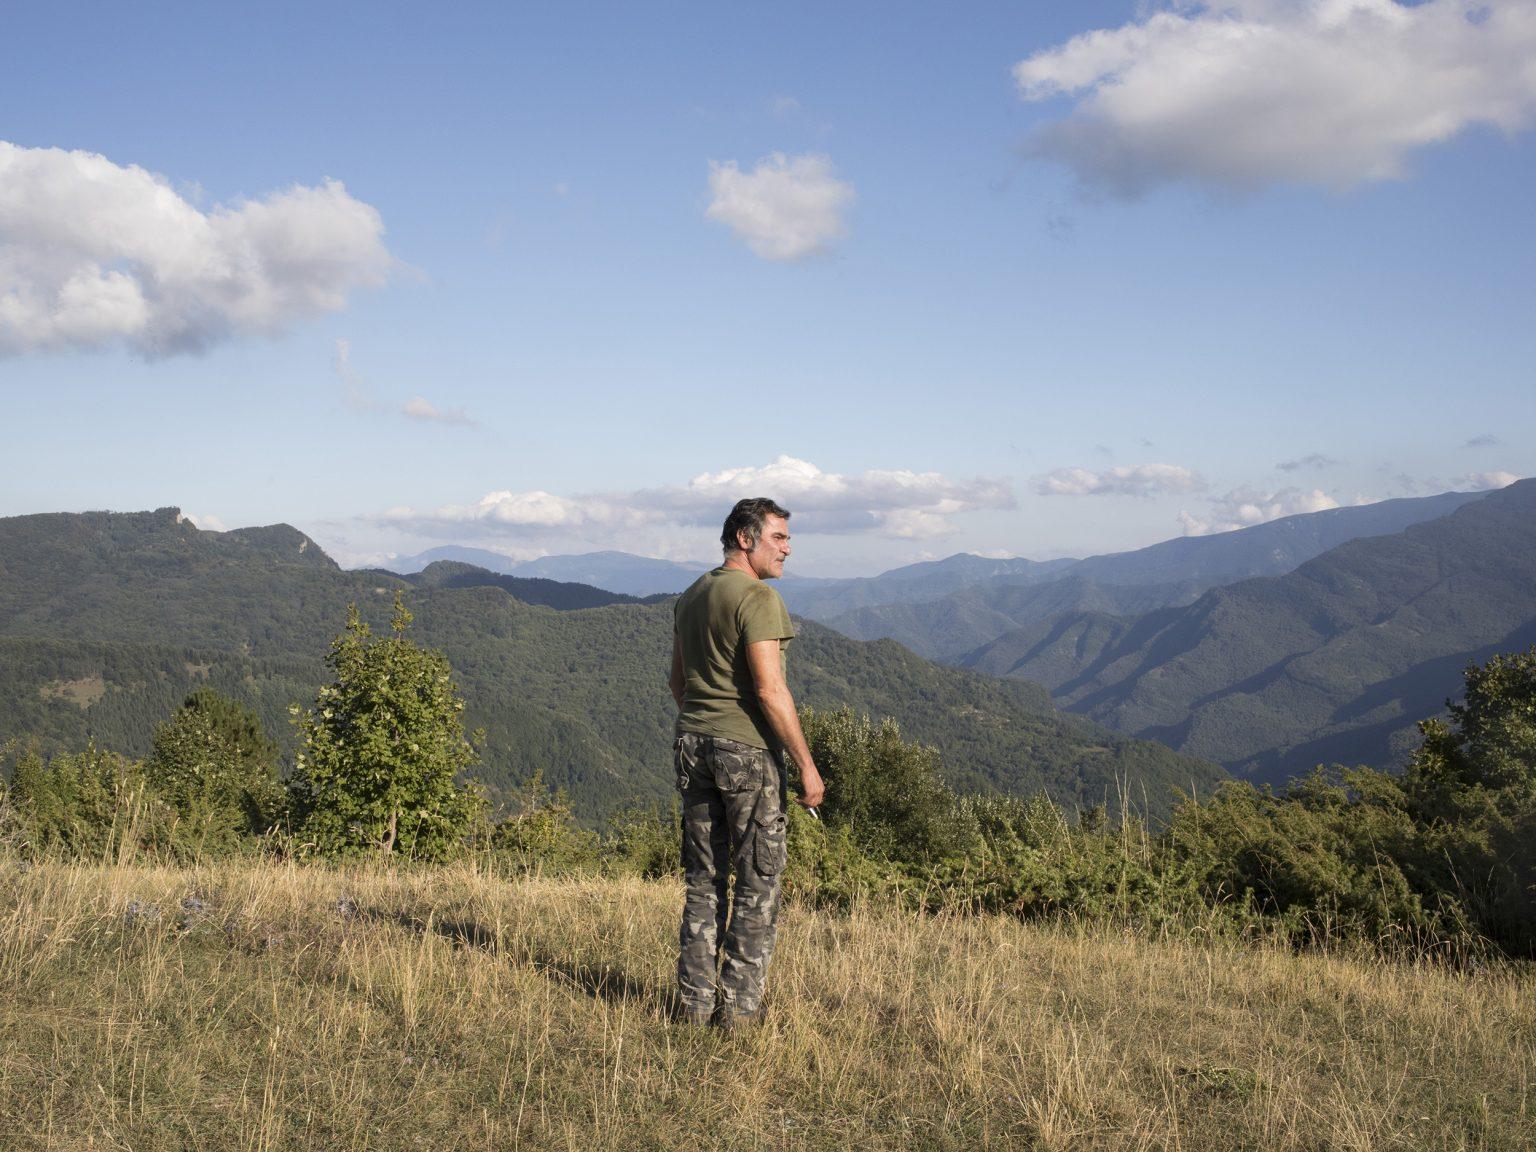 Pretare, settembre 2019 Vincenzo Lauri guarda la valle sotto il monte Vettore da una radura sopra Pretare, frazione di Arquata del Tronto. Era qui che da ragazzo veniva a vedere il tramonto con gli amici.